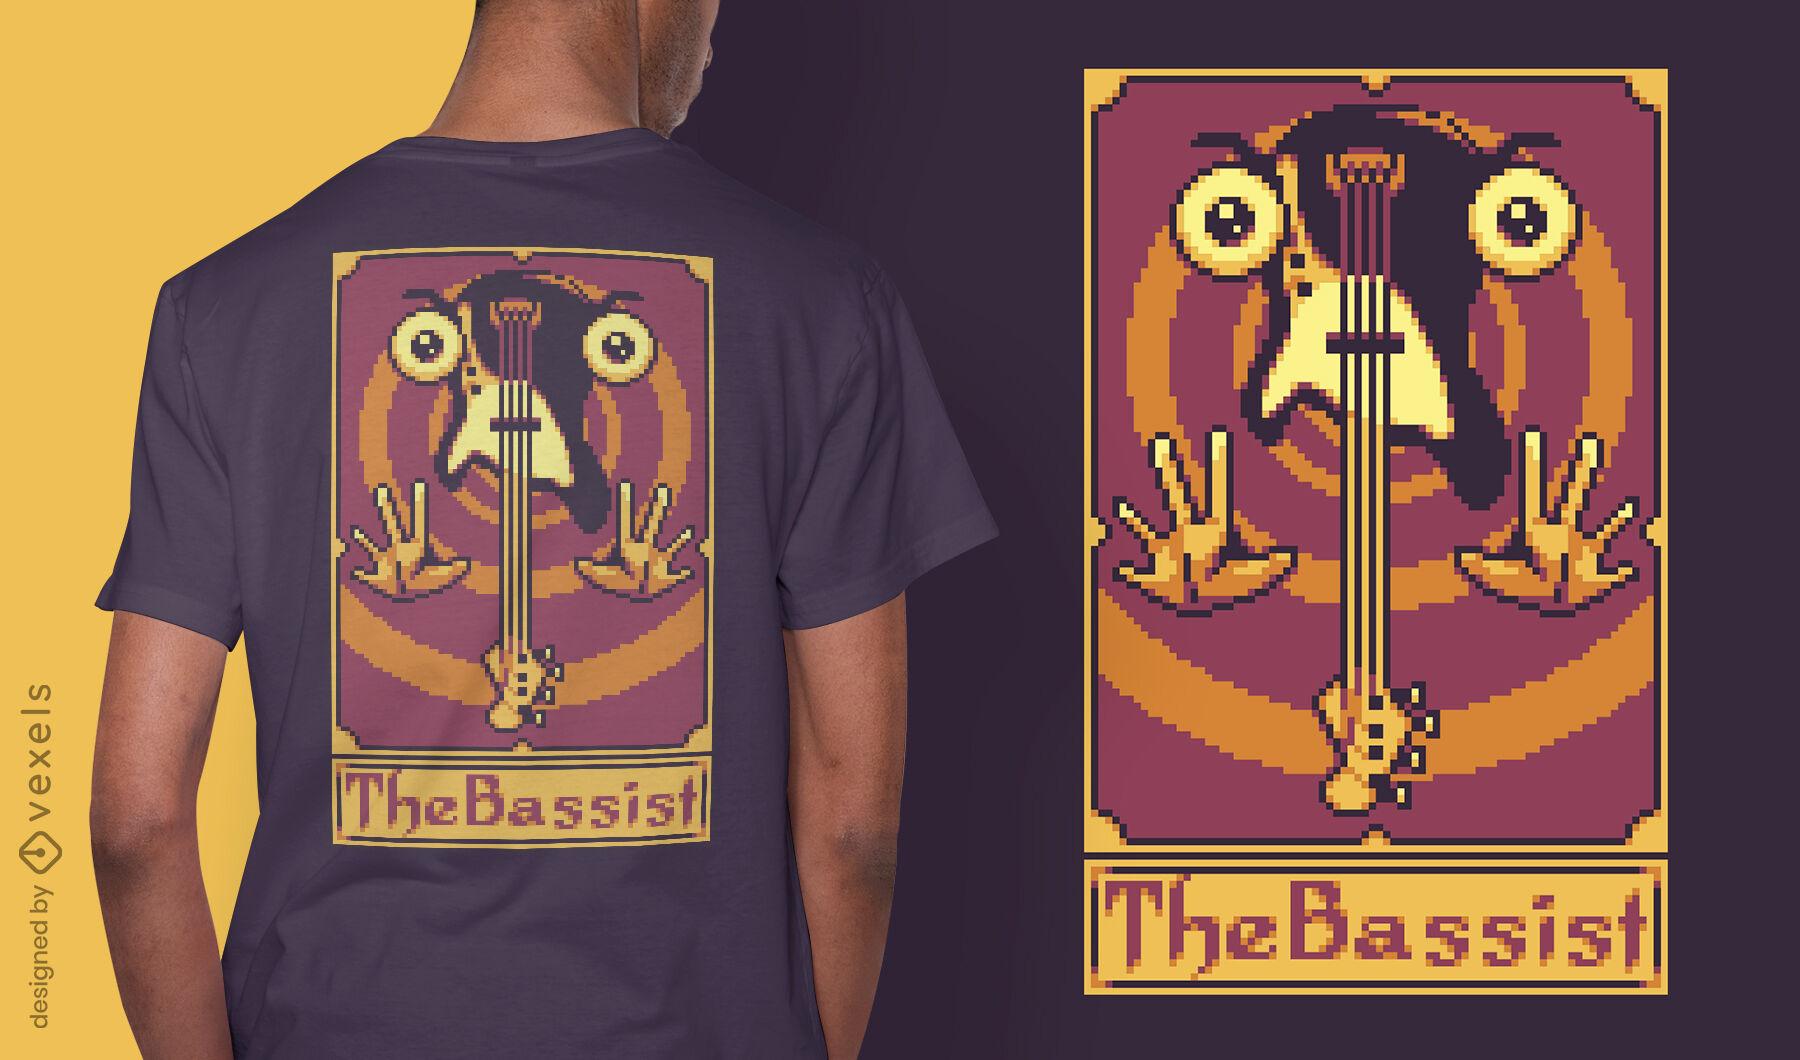 Pixel-Tarotkarten-Gitarren-T-Shirt-Design